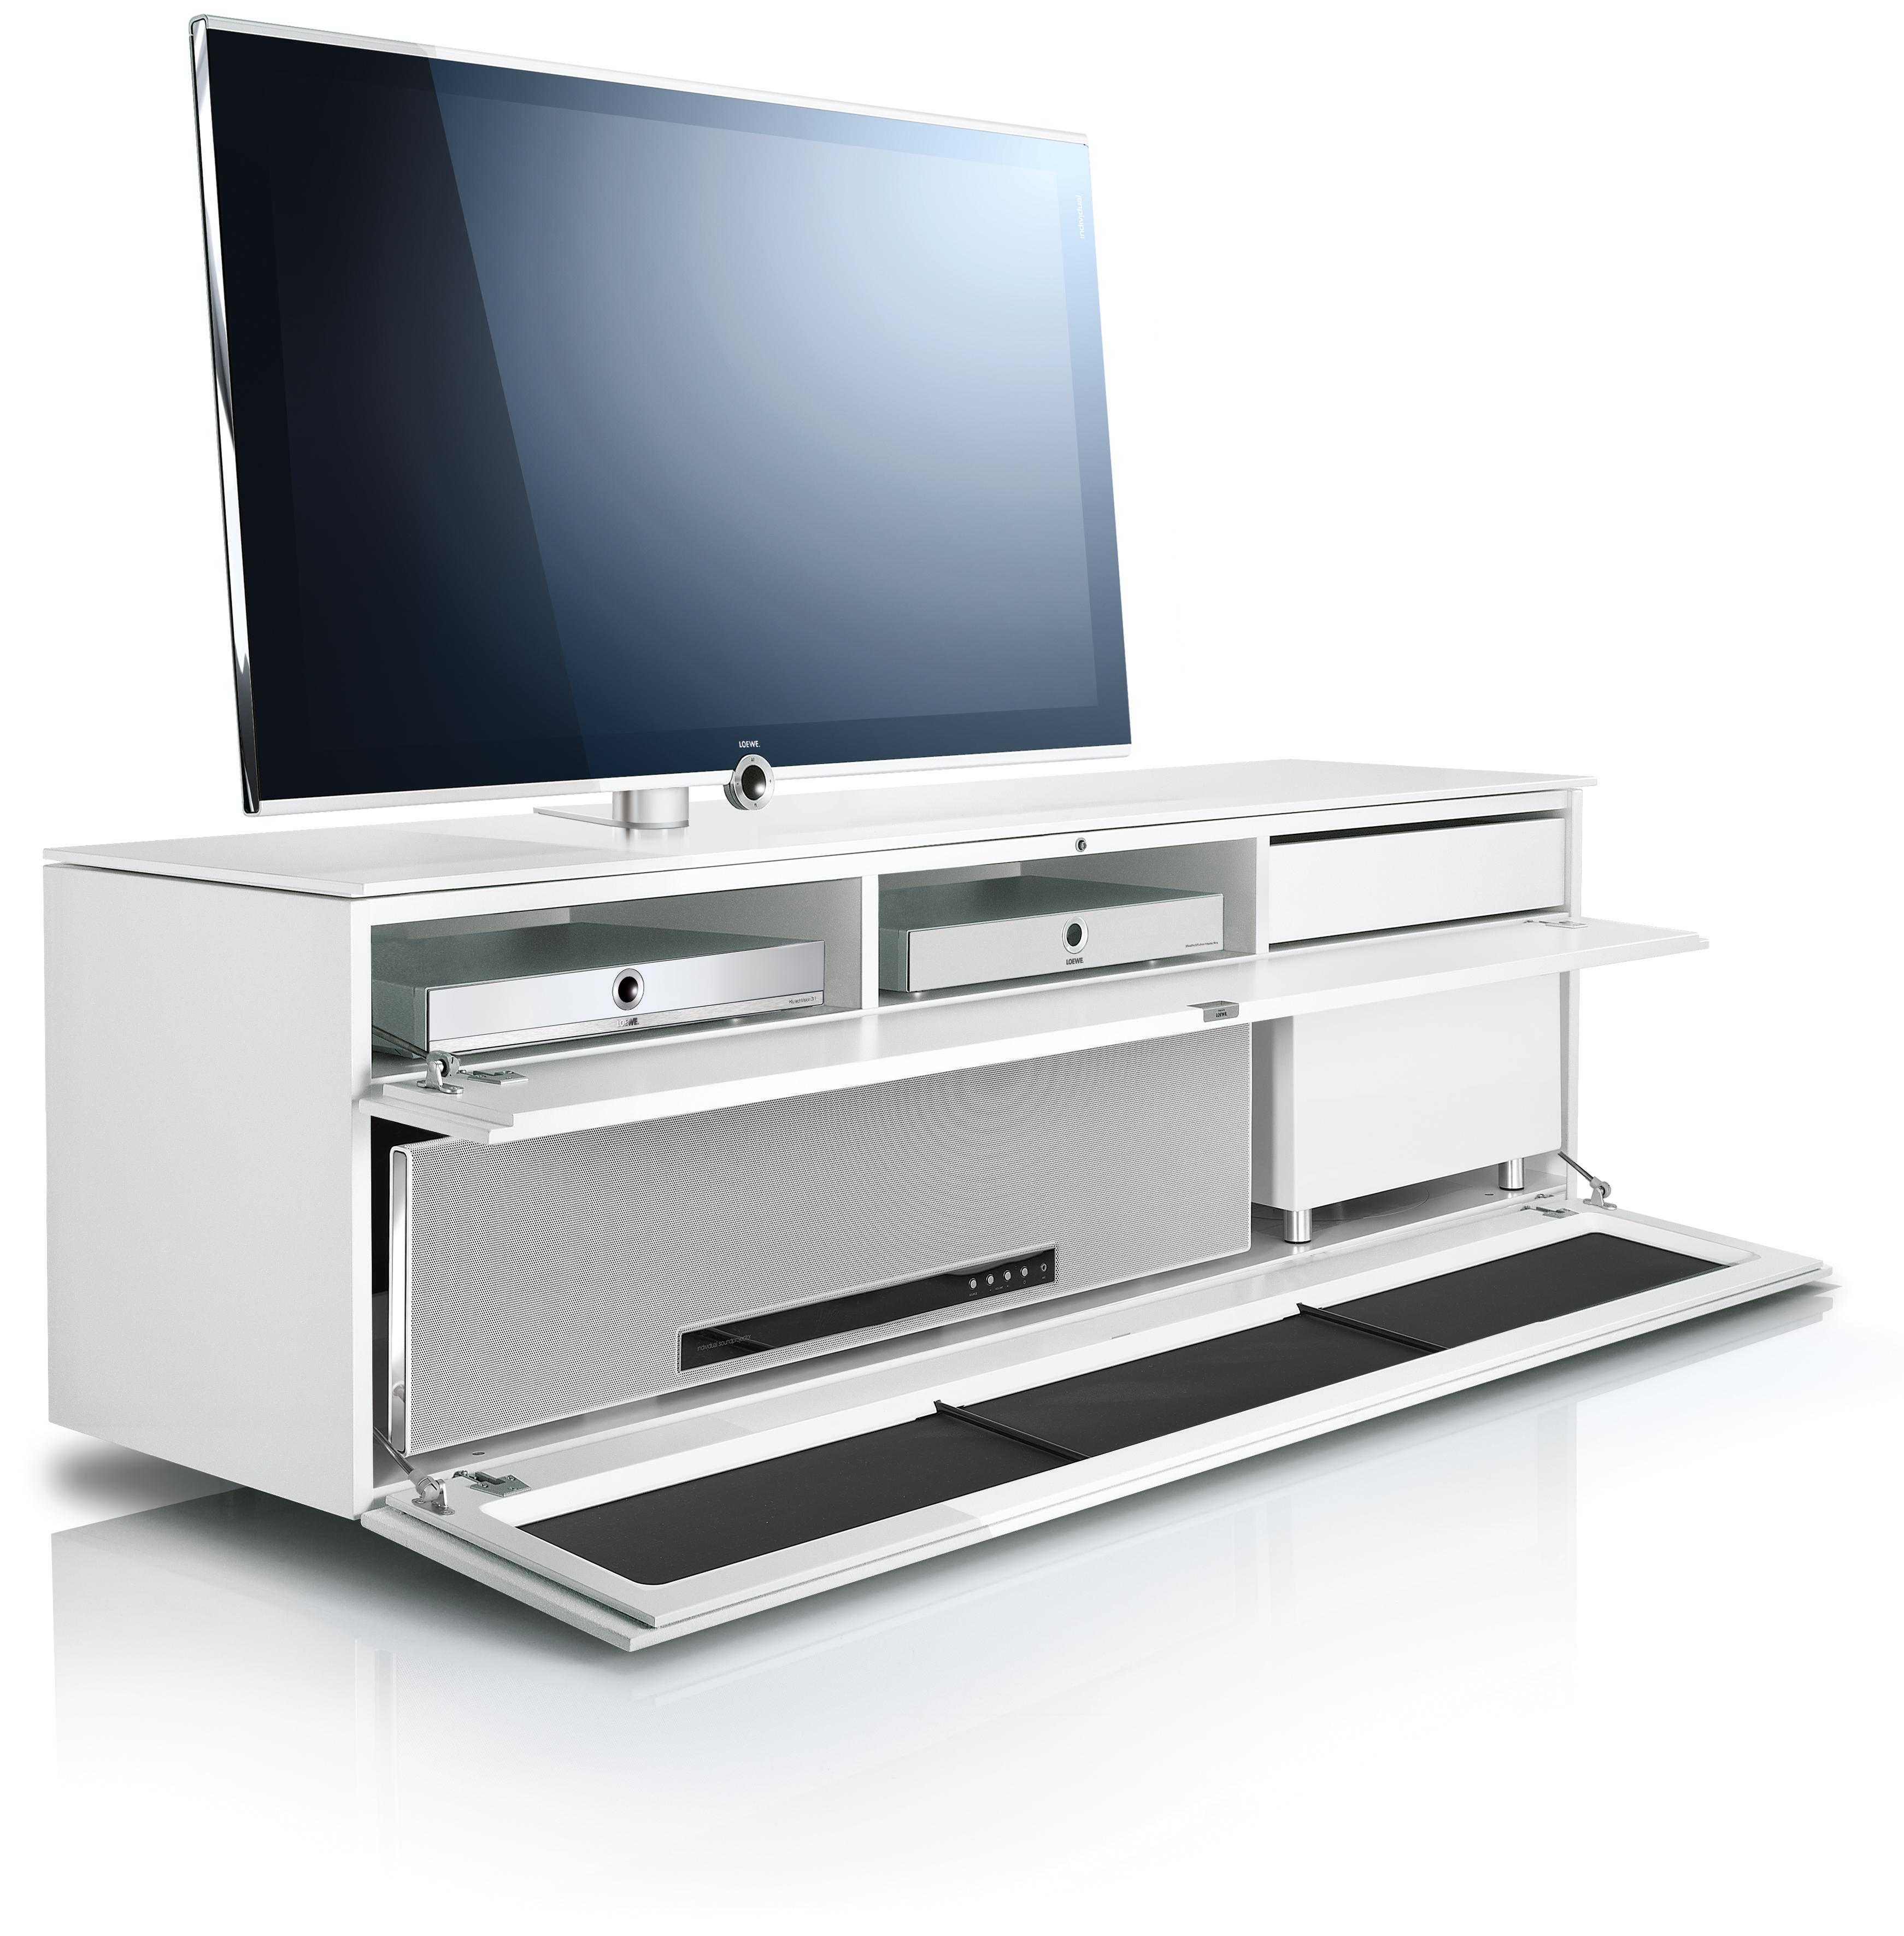 musterg ltig eingerichtet mit den individuellen aufstelll sungen von loewe loewe technologies. Black Bedroom Furniture Sets. Home Design Ideas